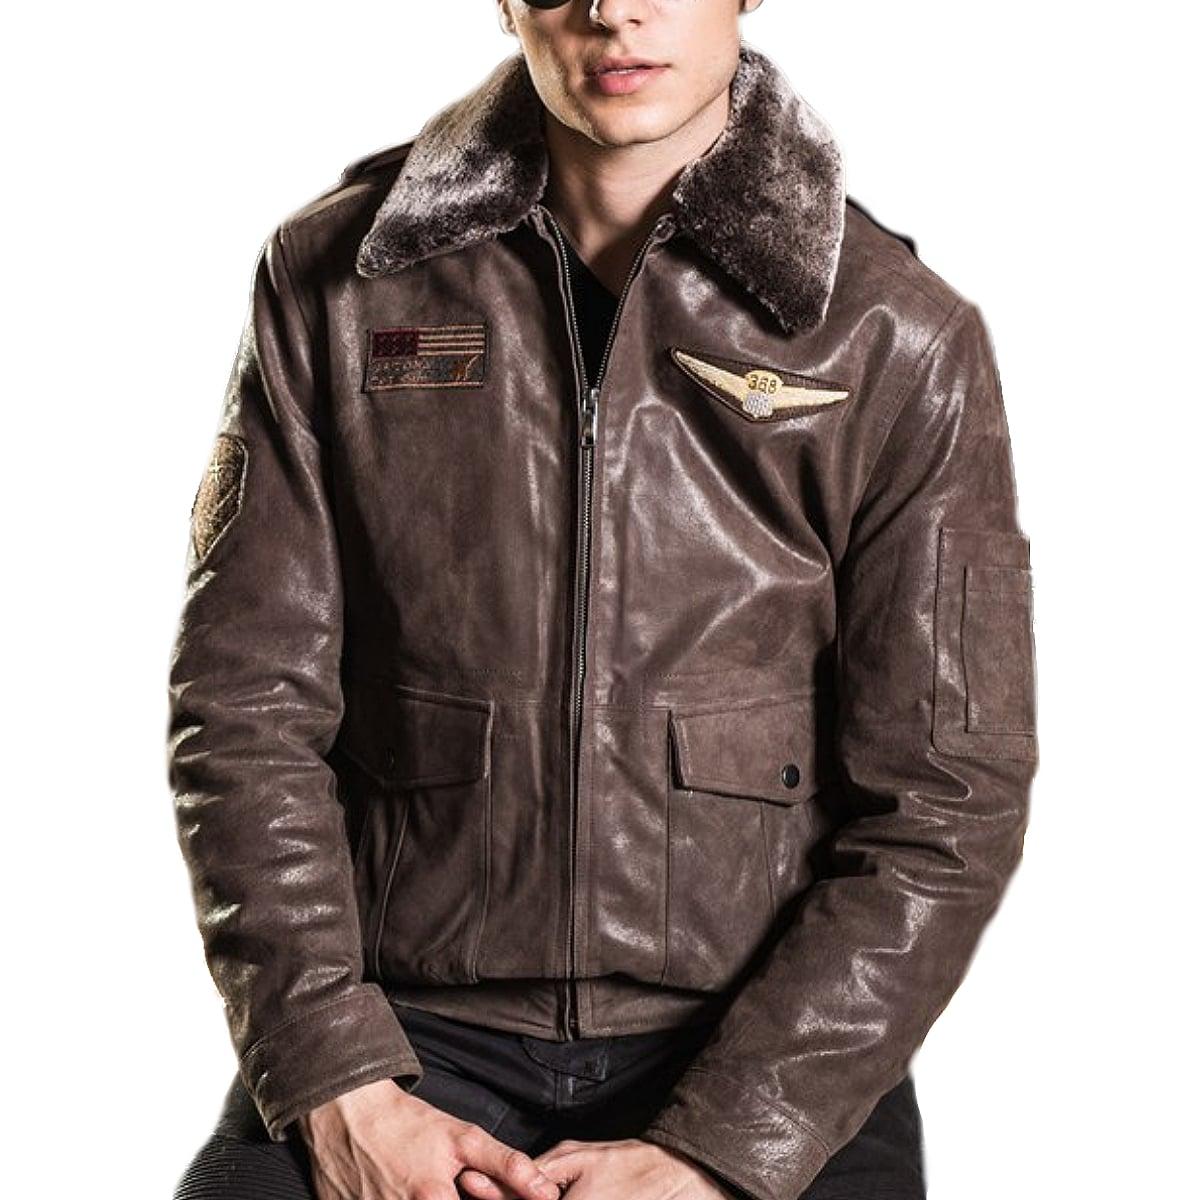 【送料無料!】全9サイズ! [Men's Fur Collar Brown Pigskin Genuine Leather Aviator Jacket] メンズ ファーカラー ブラウン ピッグスキン ジェニュインレザー アビエーター ジャケット! 本革 豚革 革ジャン フェイクファー コート アウター バイクに!